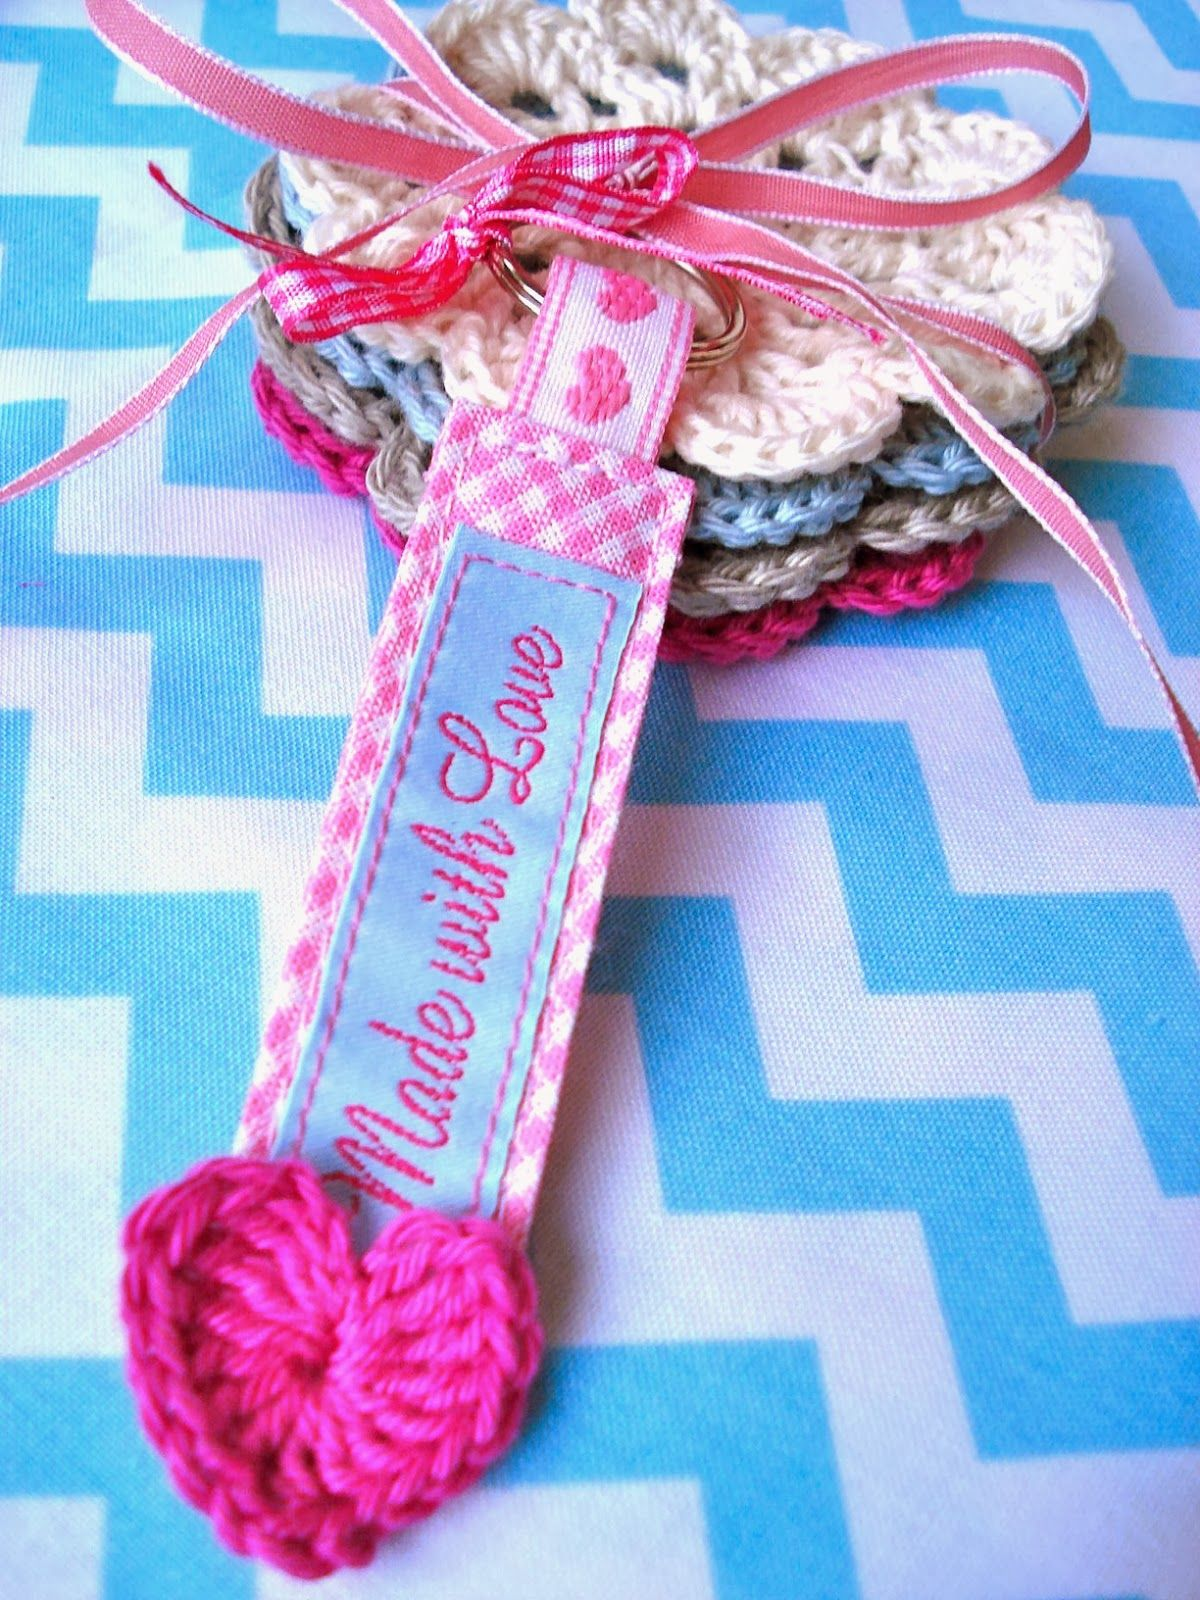 FREULEINMIMI: Crochet